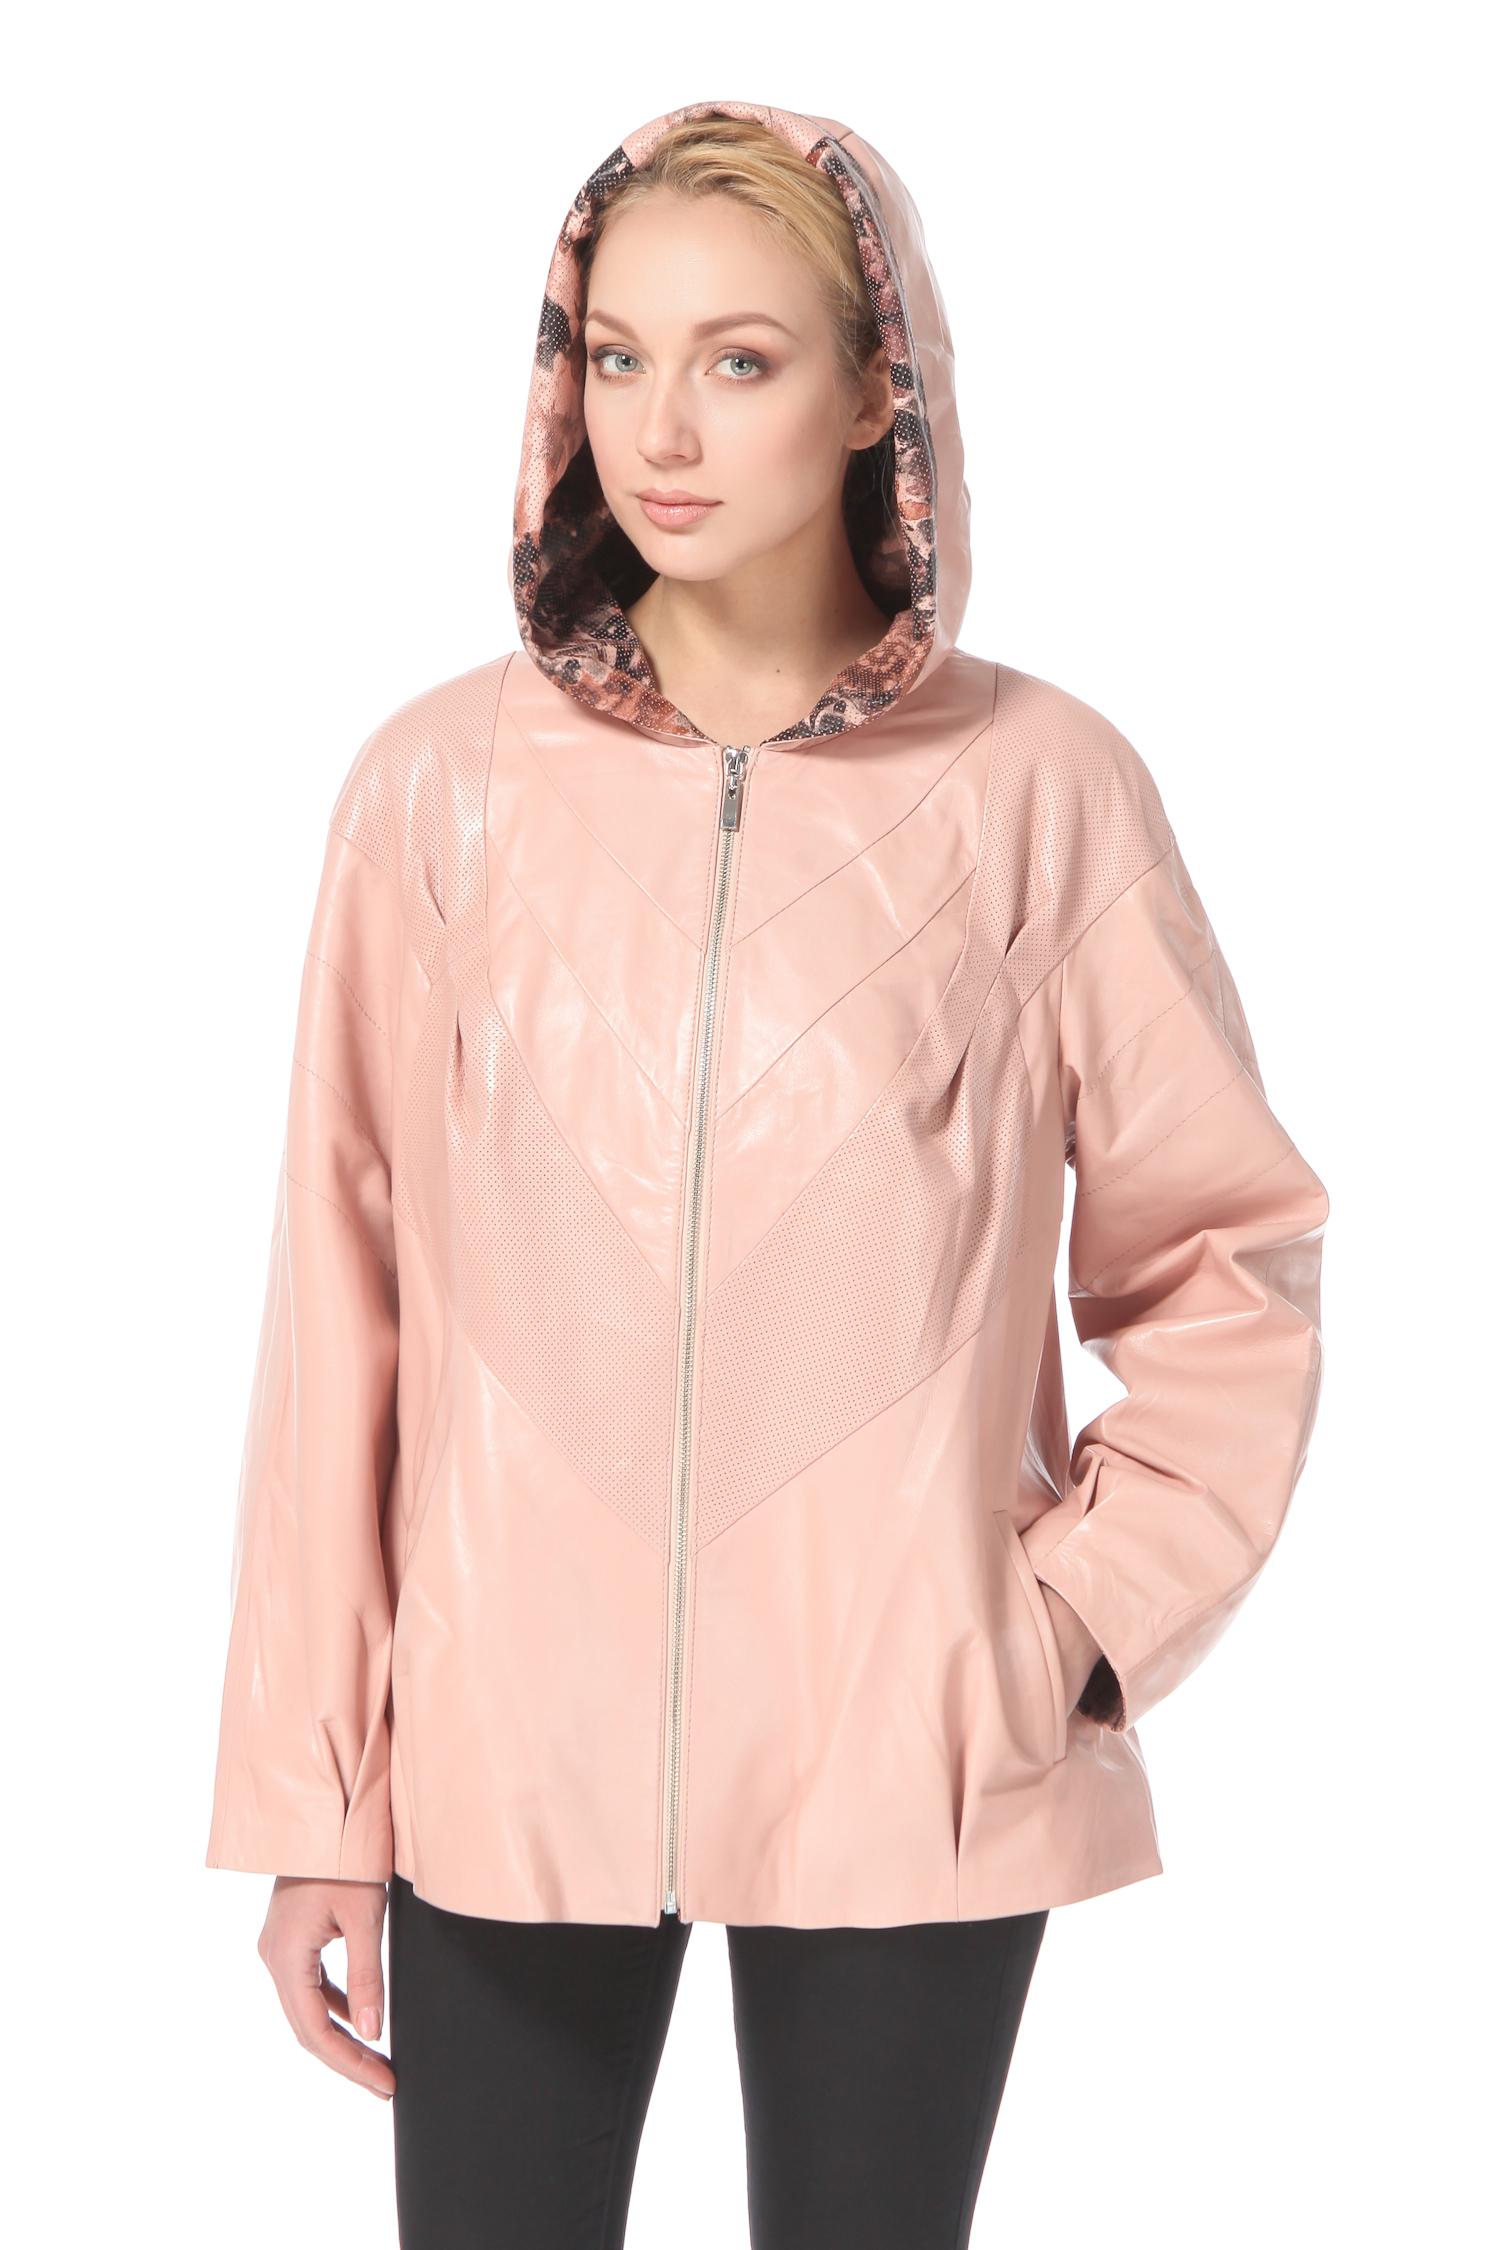 Женская кожаная куртка из натуральной кожи с капюшоном, без отделки<br><br>Воротник: капюшон<br>Длина см: Короткая (51-74 )<br>Материал: Кожа овчина<br>Цвет: розовый<br>Застежка: на молнии<br>Пол: Женский<br>Размер RU: 56